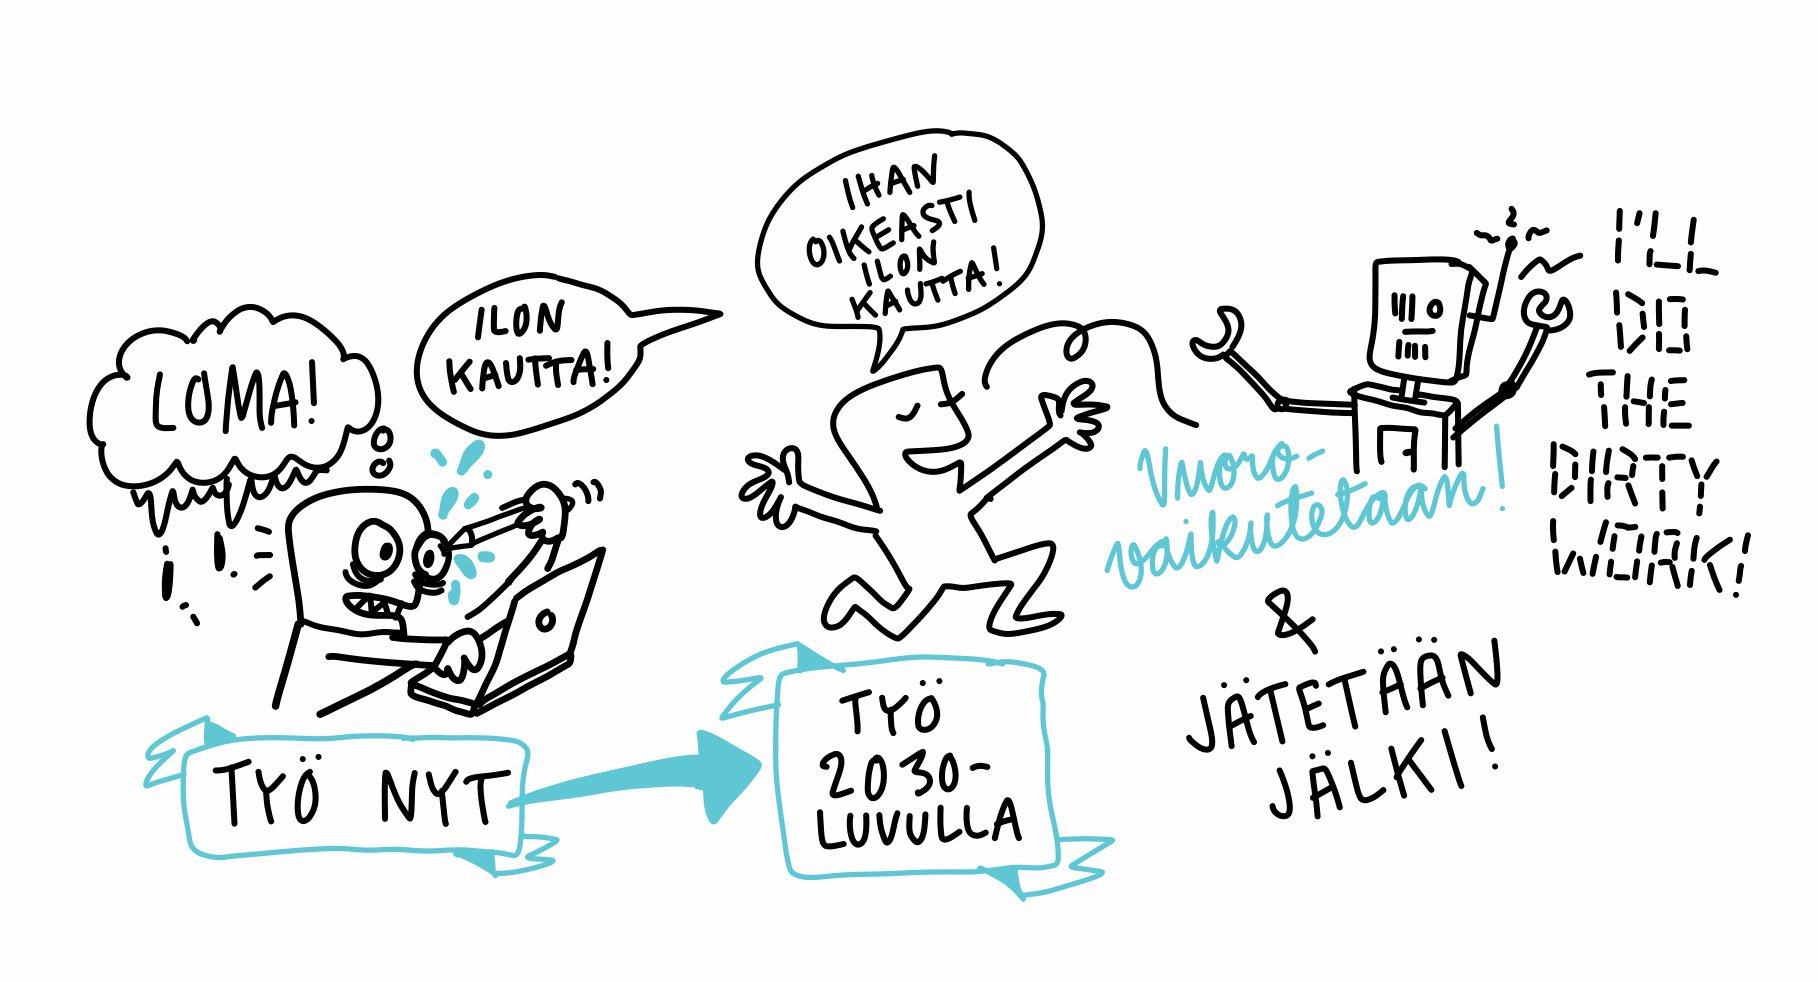 Ilkka Halava vetää hyvällä sykkeellä työn muutoksesta. @PingHelsinki #pinghelsinki @IlkkaHalava https://t.co/UsojURdljf